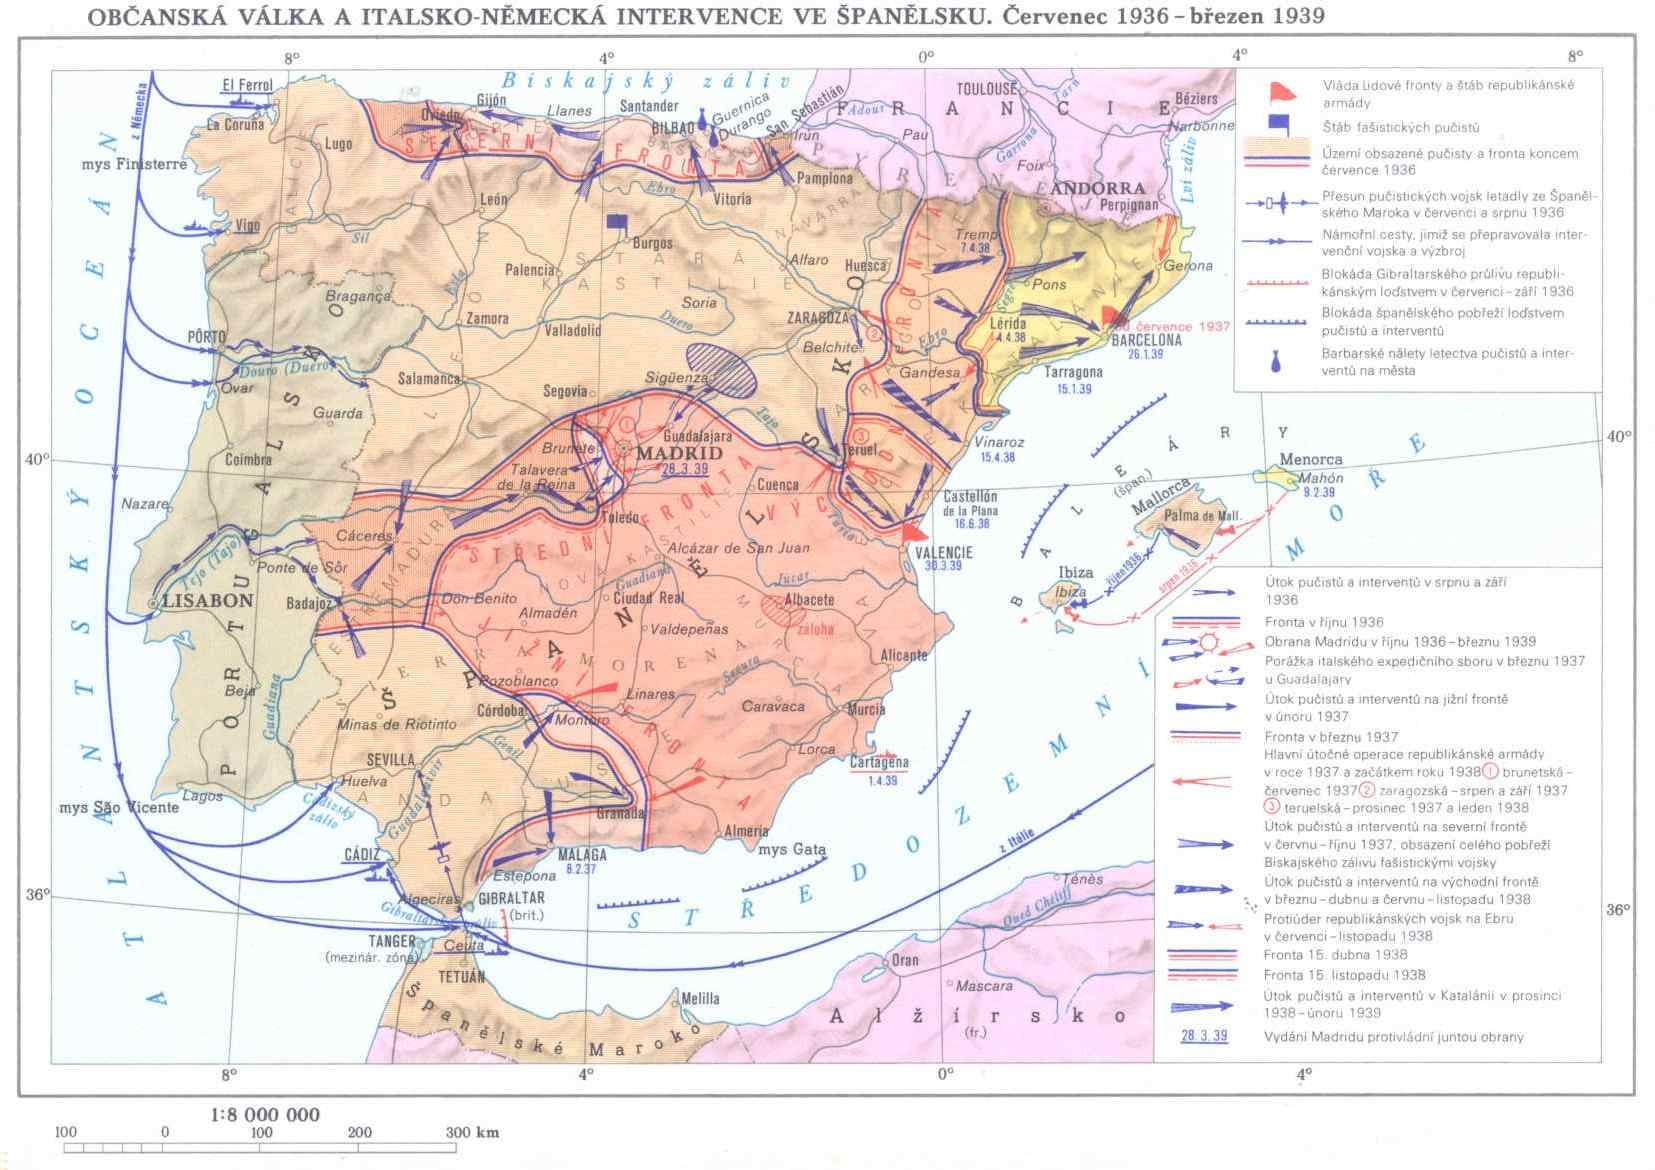 Španělská občanská válka 1936-39 :: všeobecné :: války